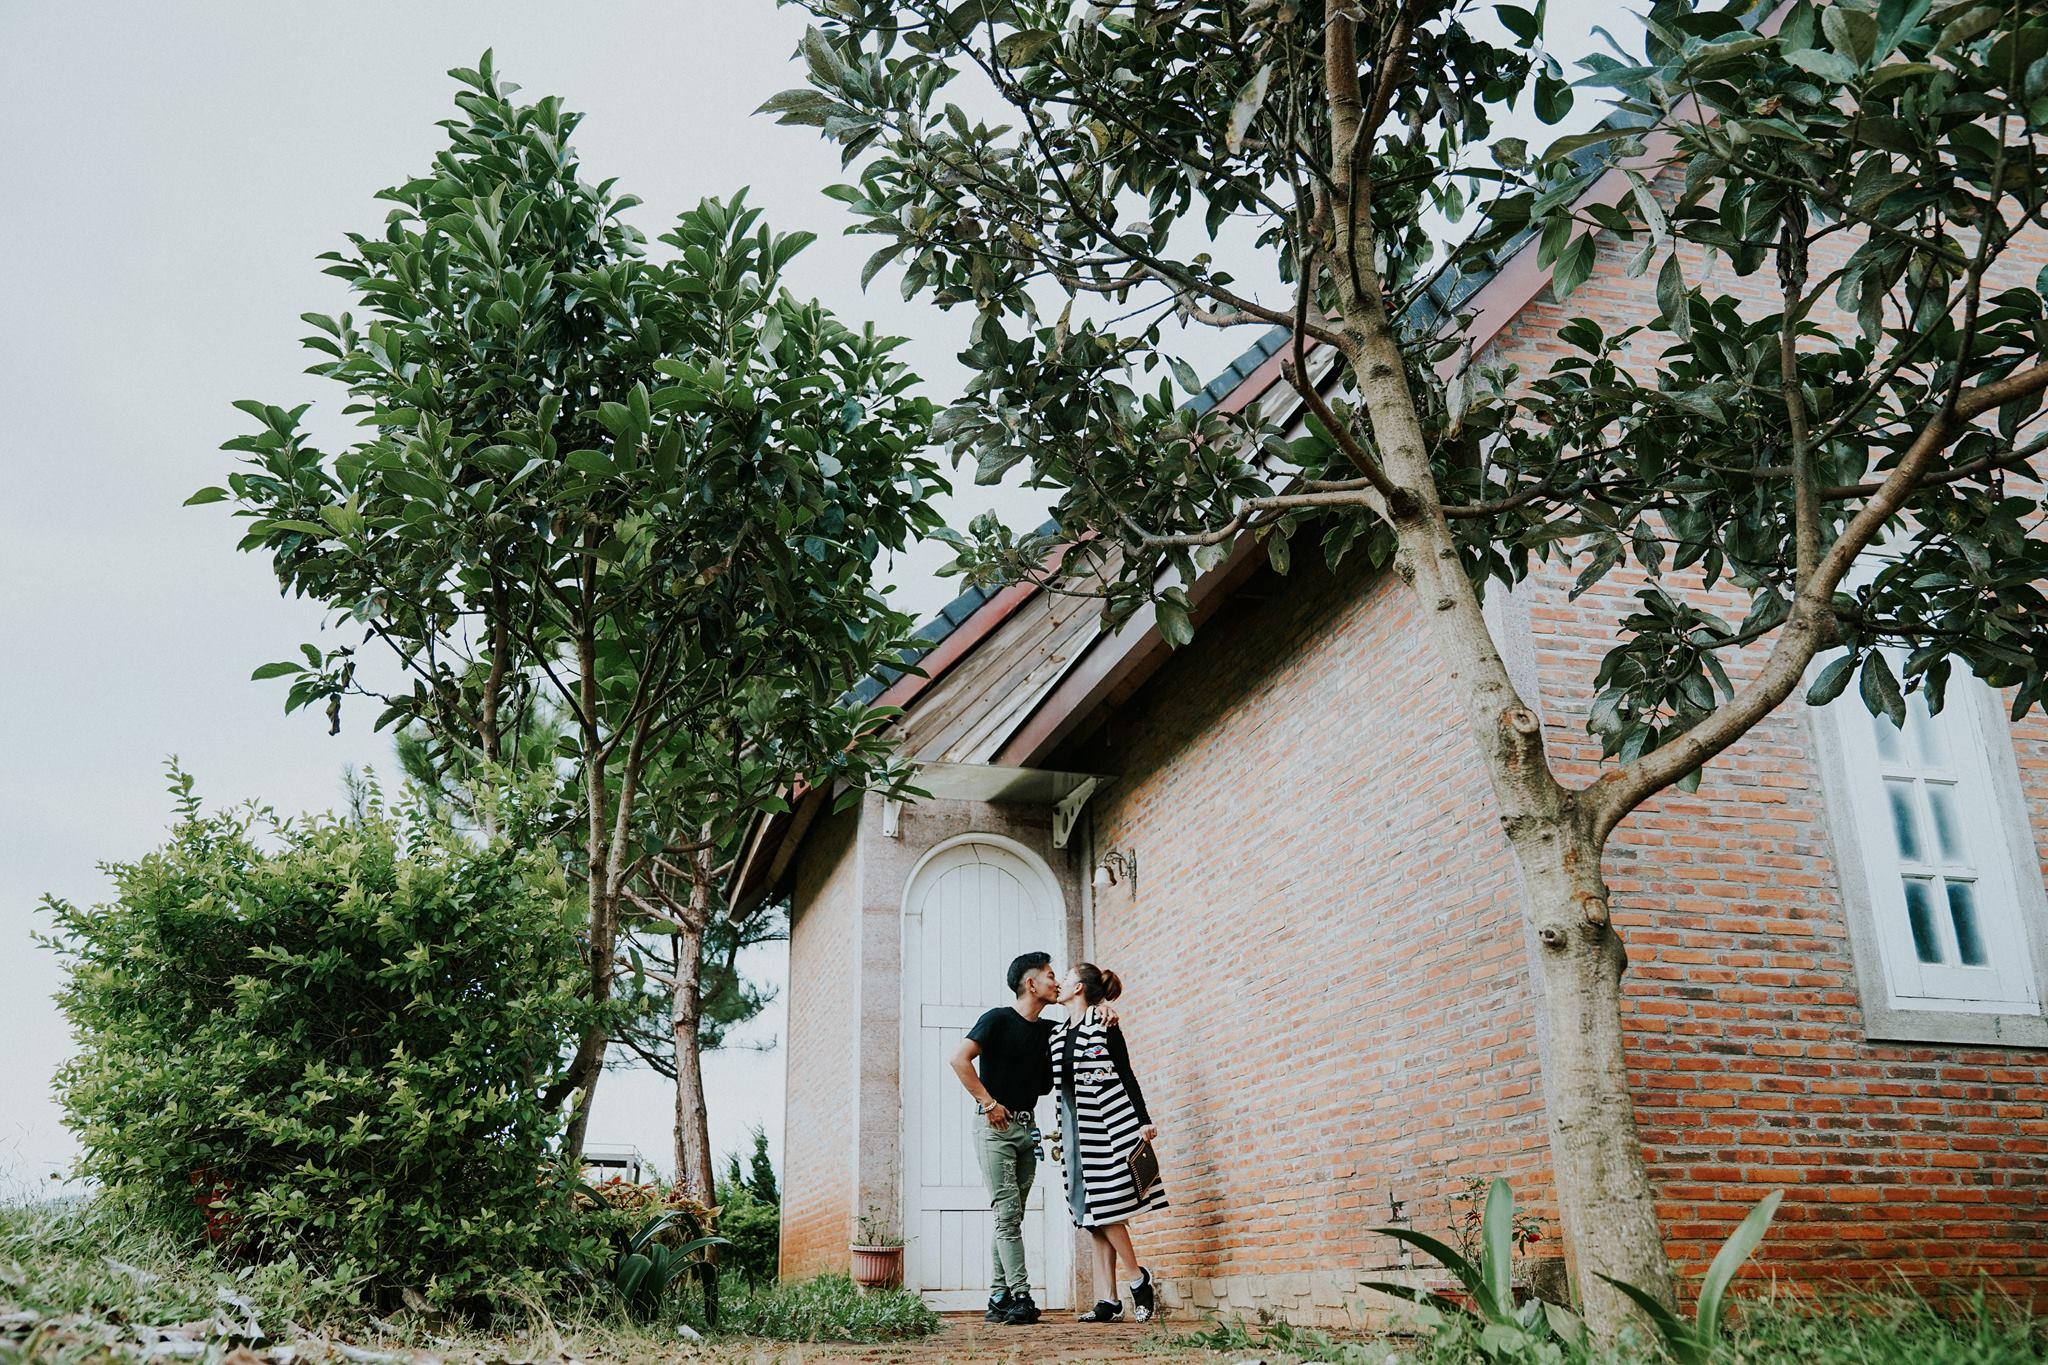 Phan Hiển, Khánh Thi trao nhau nụ hôn ngọt ngào sau tin đồn lục đục - hình ảnh 4